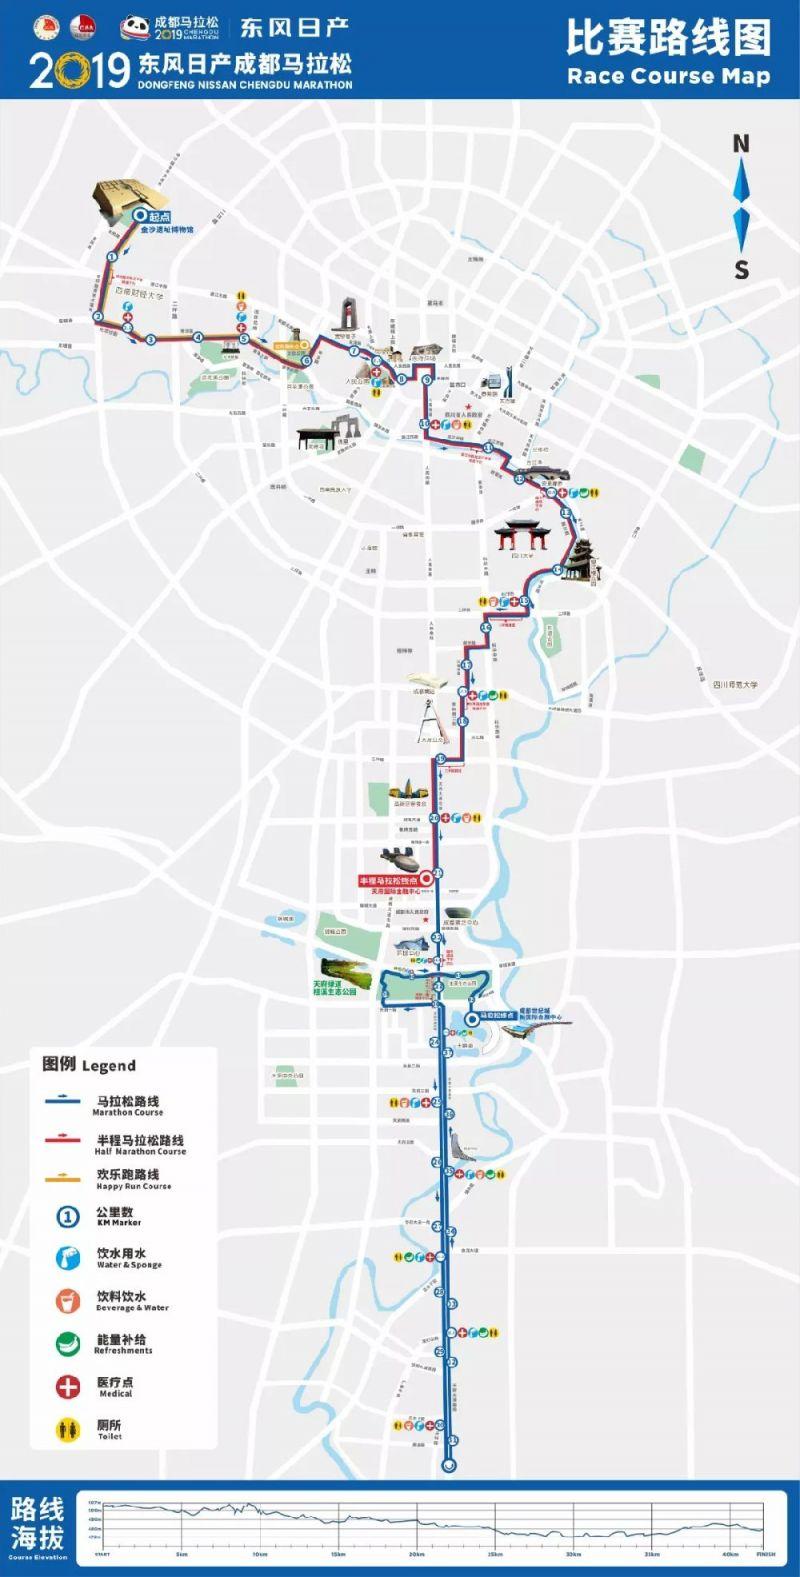 2019成都国际马拉松半马的比赛路线是什么样的?